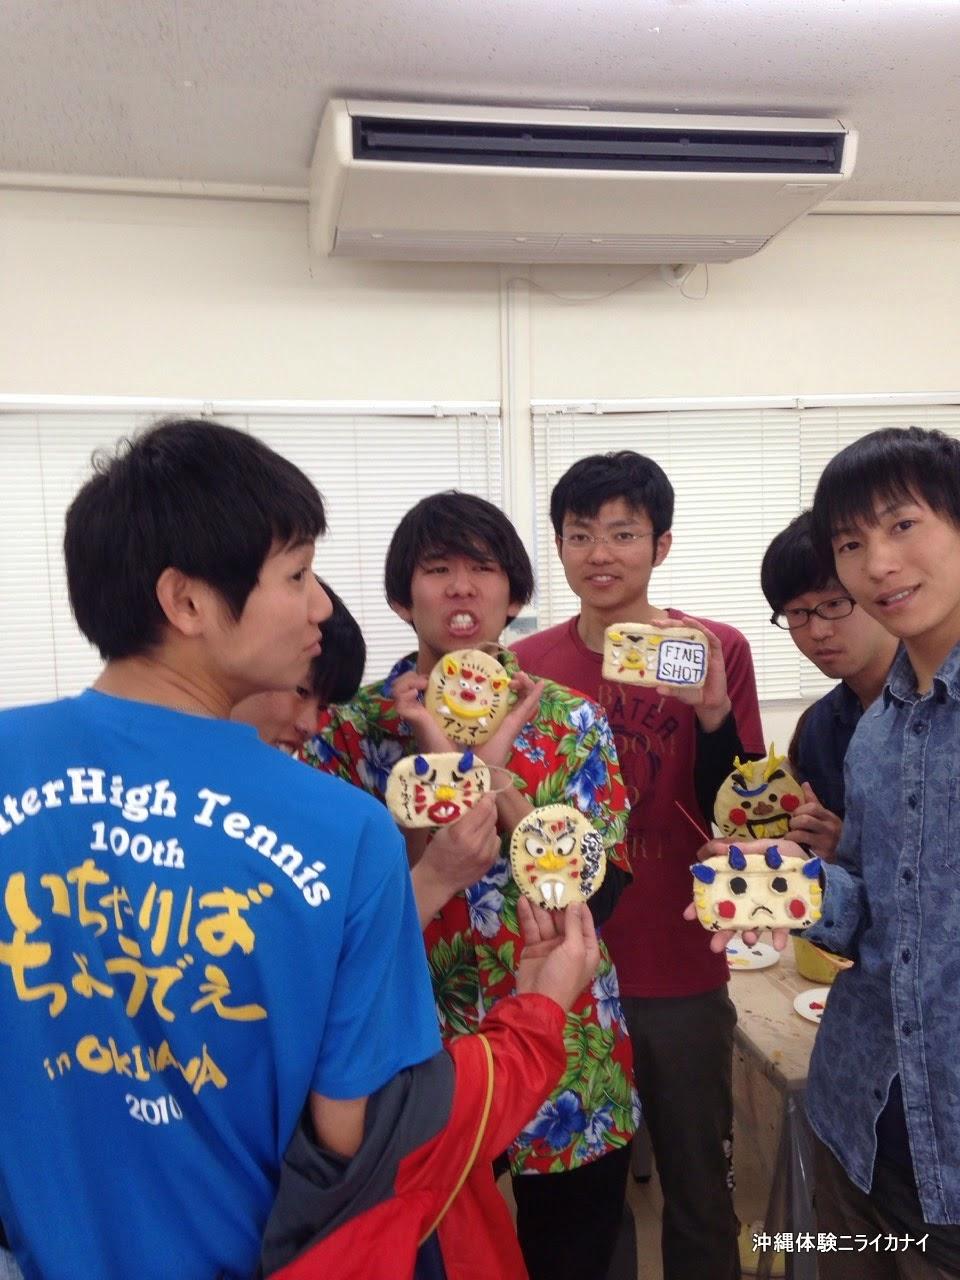 沖縄卒業旅行でシーサー作り体験